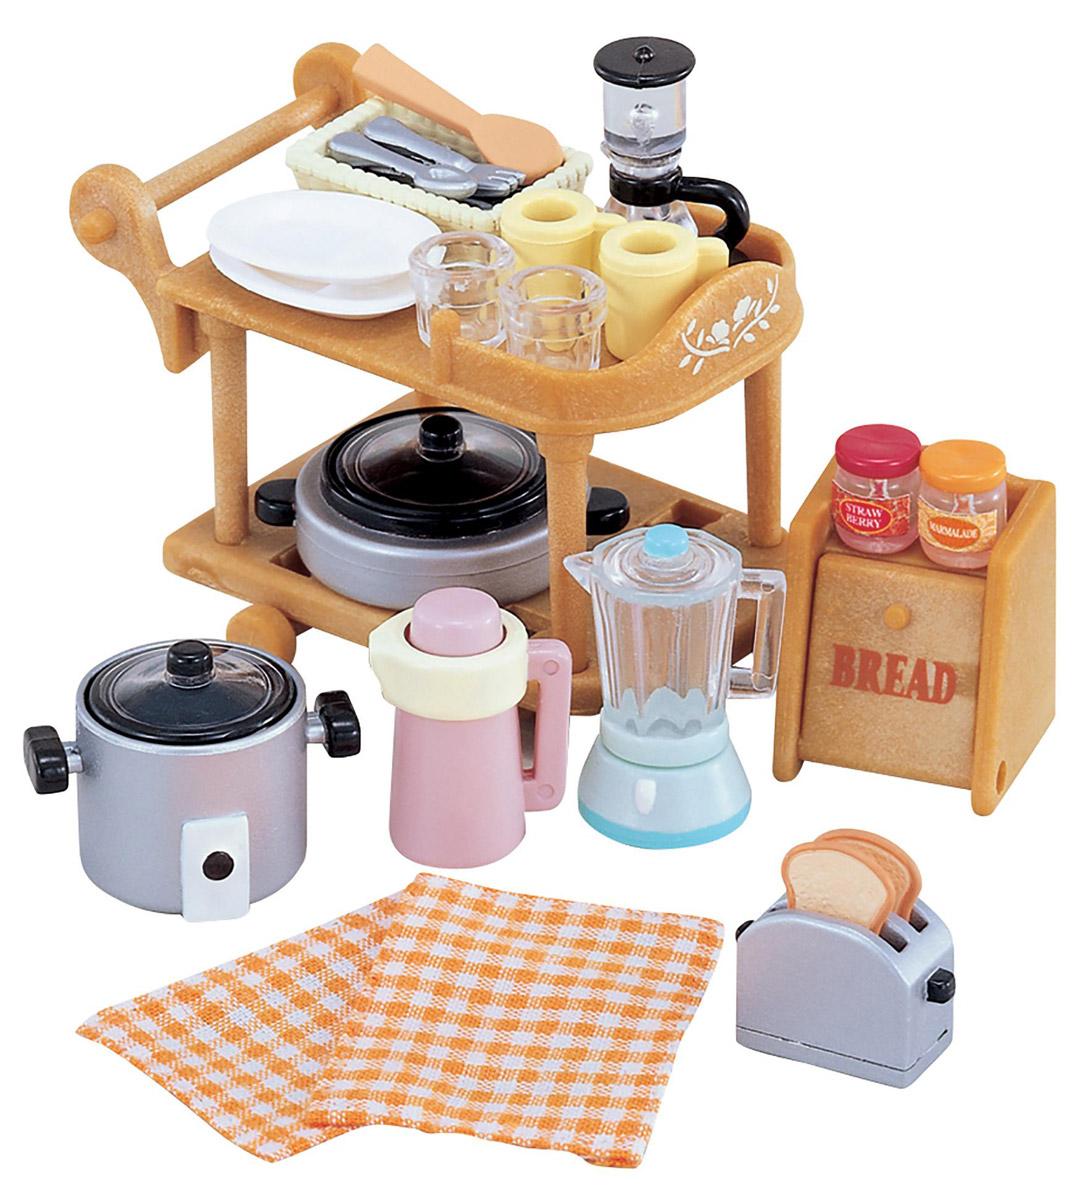 Sylvanian Families Игровой набор Кухонная посуда2819Игровой набор Sylvanian Families Кухонная посуда привлечет внимание вашей малышки и не позволит ей скучать. Набор включает в себя тележку для кухонной посуды, кастрюли, блендер, тостер, хлебницу и другие кухонные приборы и принадлежности. Ваша малышка будет часами играть с набором, придумывая различные истории. Sylvanian Families - это целый мир маленьких жителей, объединенных общей легендой. Жители страны Sylvanian Families - это кролики, белки, медведи, лисы и многие другие. У каждого из них есть дом, в котором есть все необходимое для счастливой жизни. В городе, где живут герои, есть школа, больница, рынок, пекарня, детский сад и множество других полезных объектов. Жители этой страны живут семьями, в каждой из которой есть дети. В домах Sylvanian Families царит уют и гармония. Домашние животные радуют хозяев. Здесь продумана каждая мелочь, от одежды до мебели и аксессуаров. Характеристики: Материал: пластик, текстиль. ...